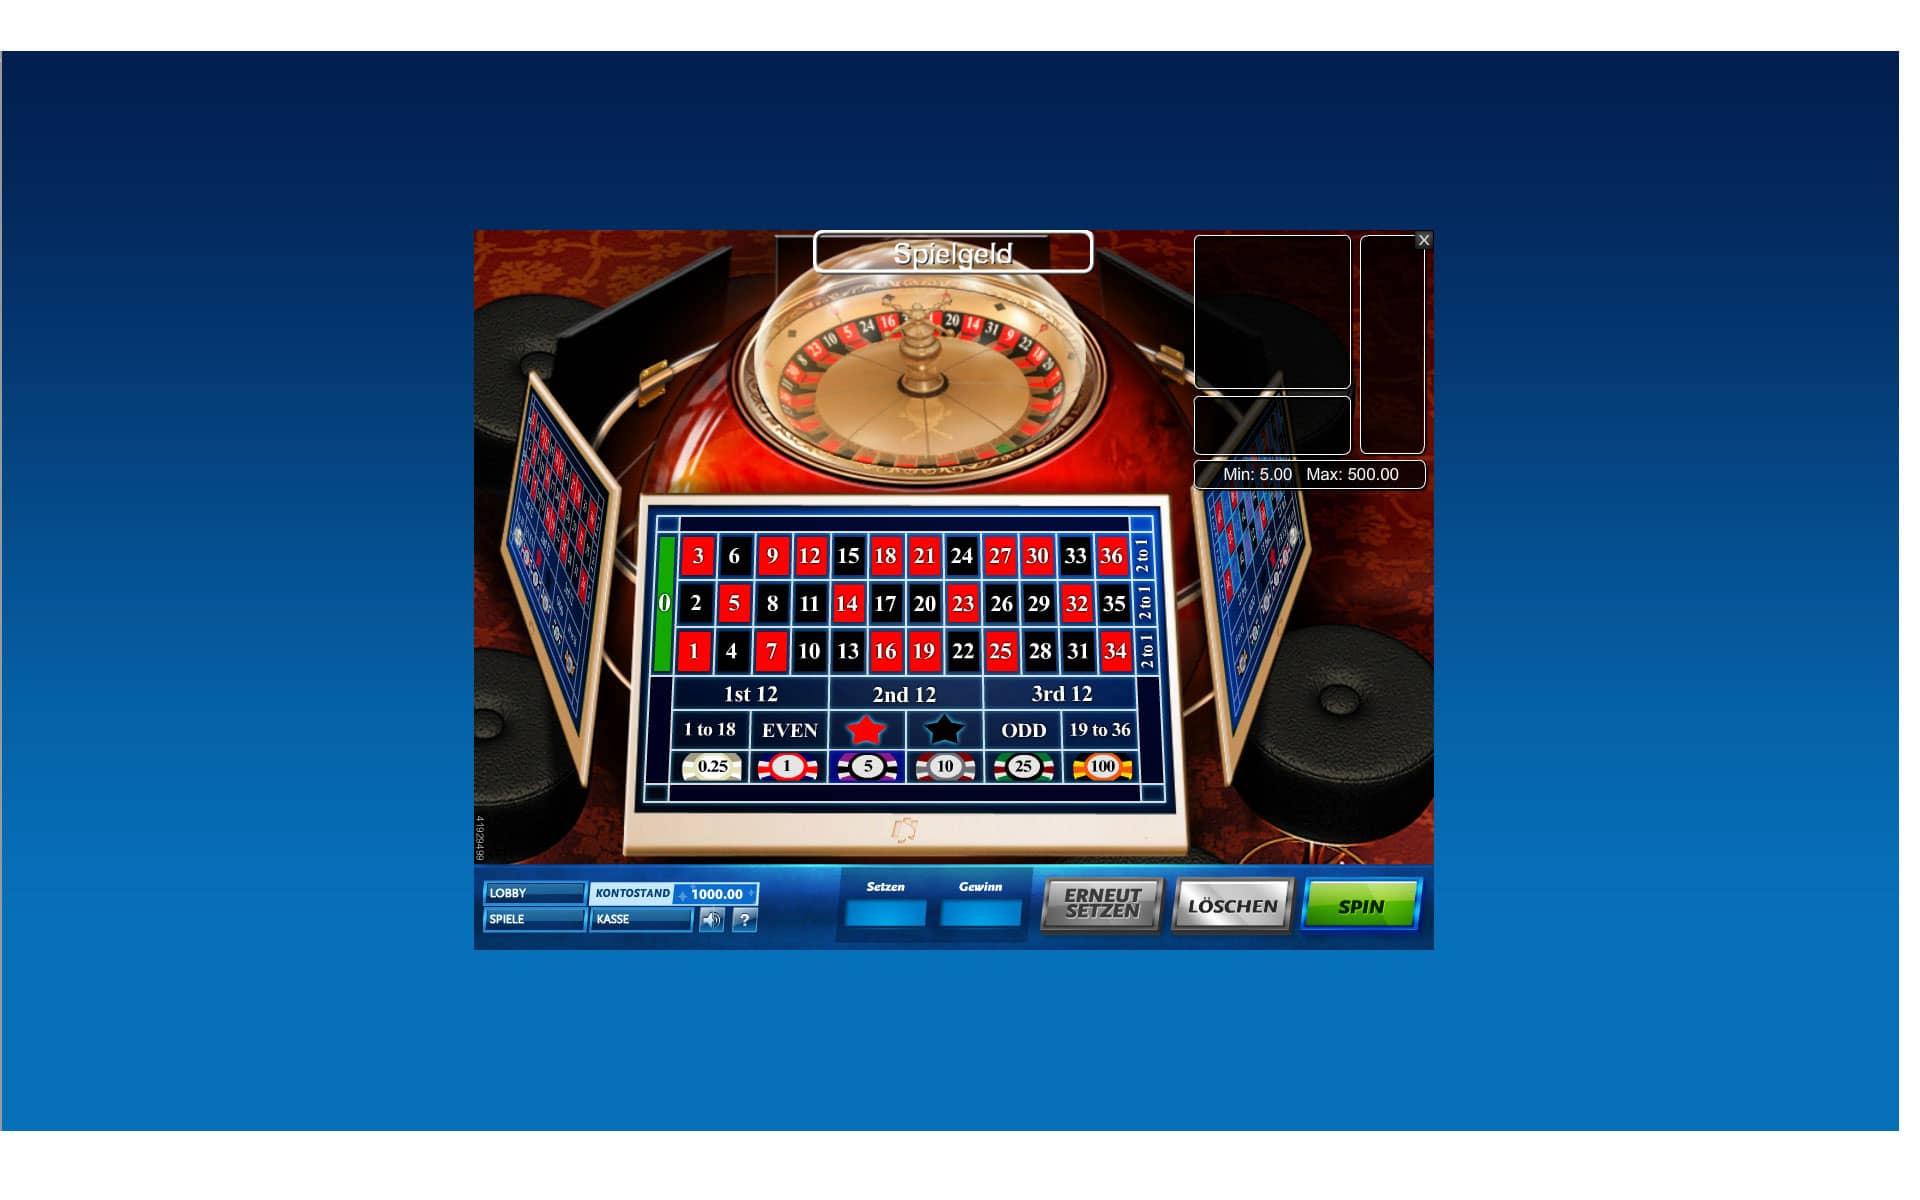 Casino online spielen - 12438